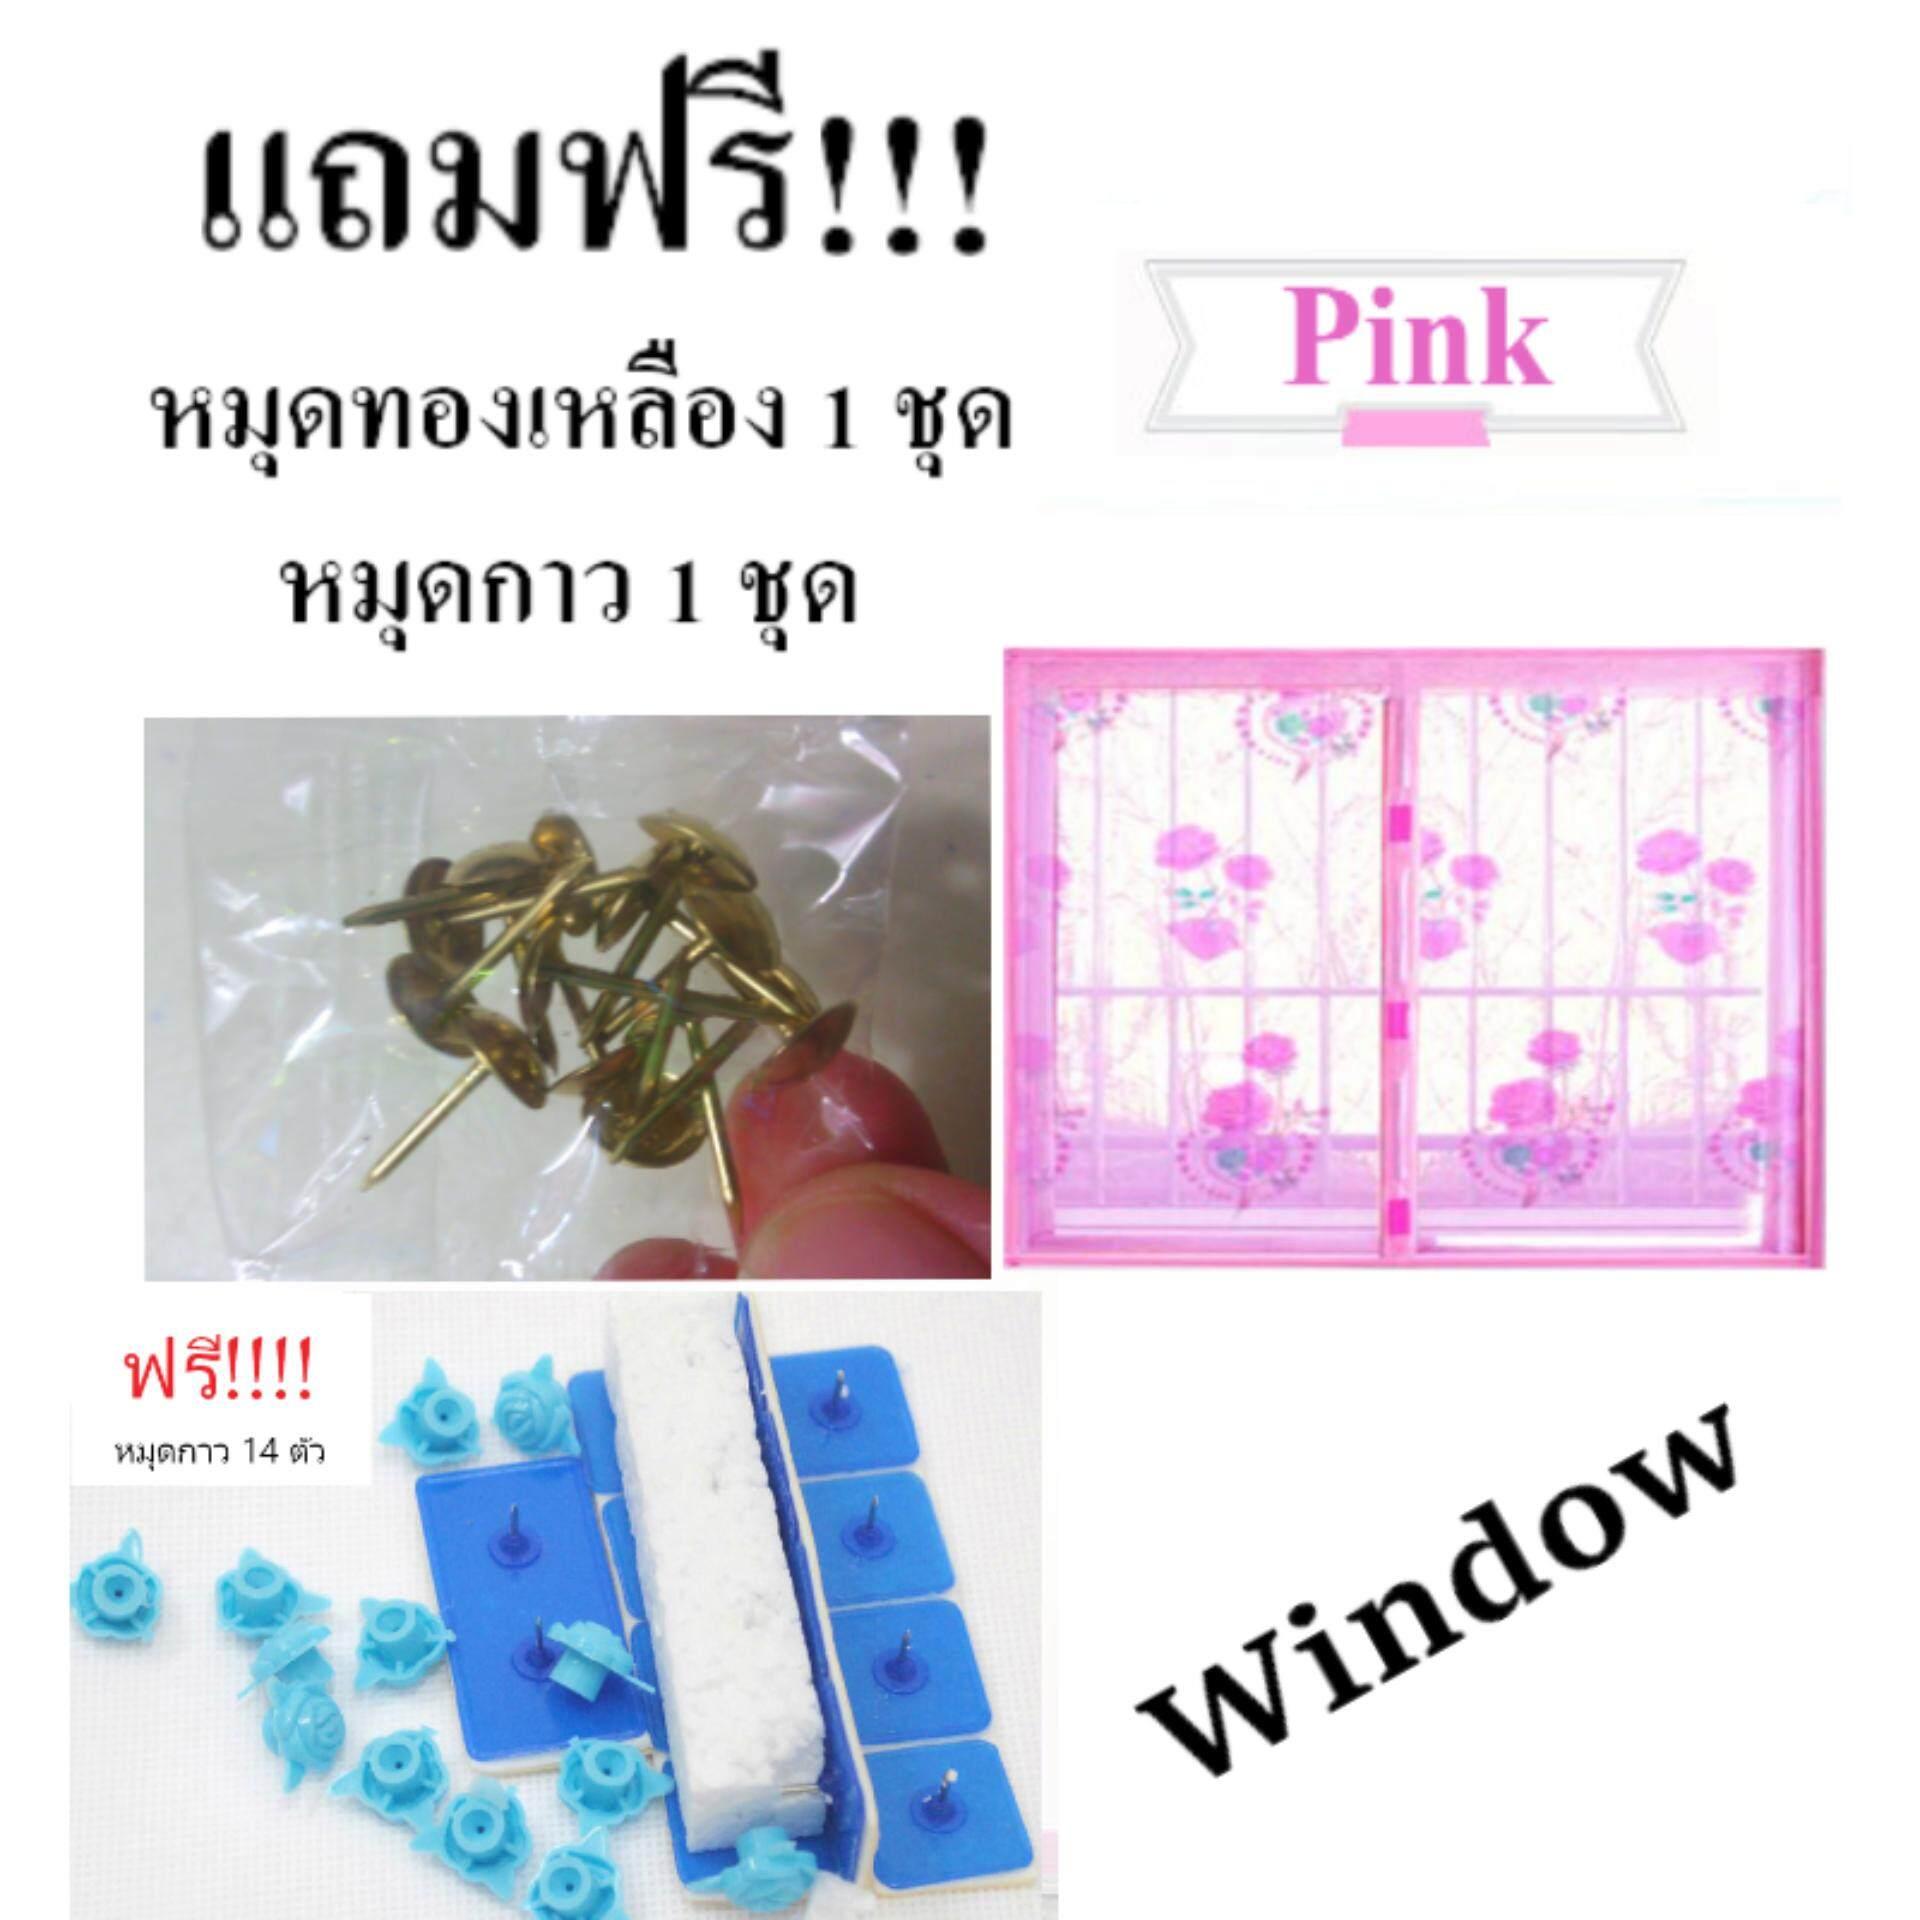 ราคา Happy Day ผ้าม่านหน้าต่างกันยุง ลายกุหลาบสีชมพู120X120 ซม No Brand